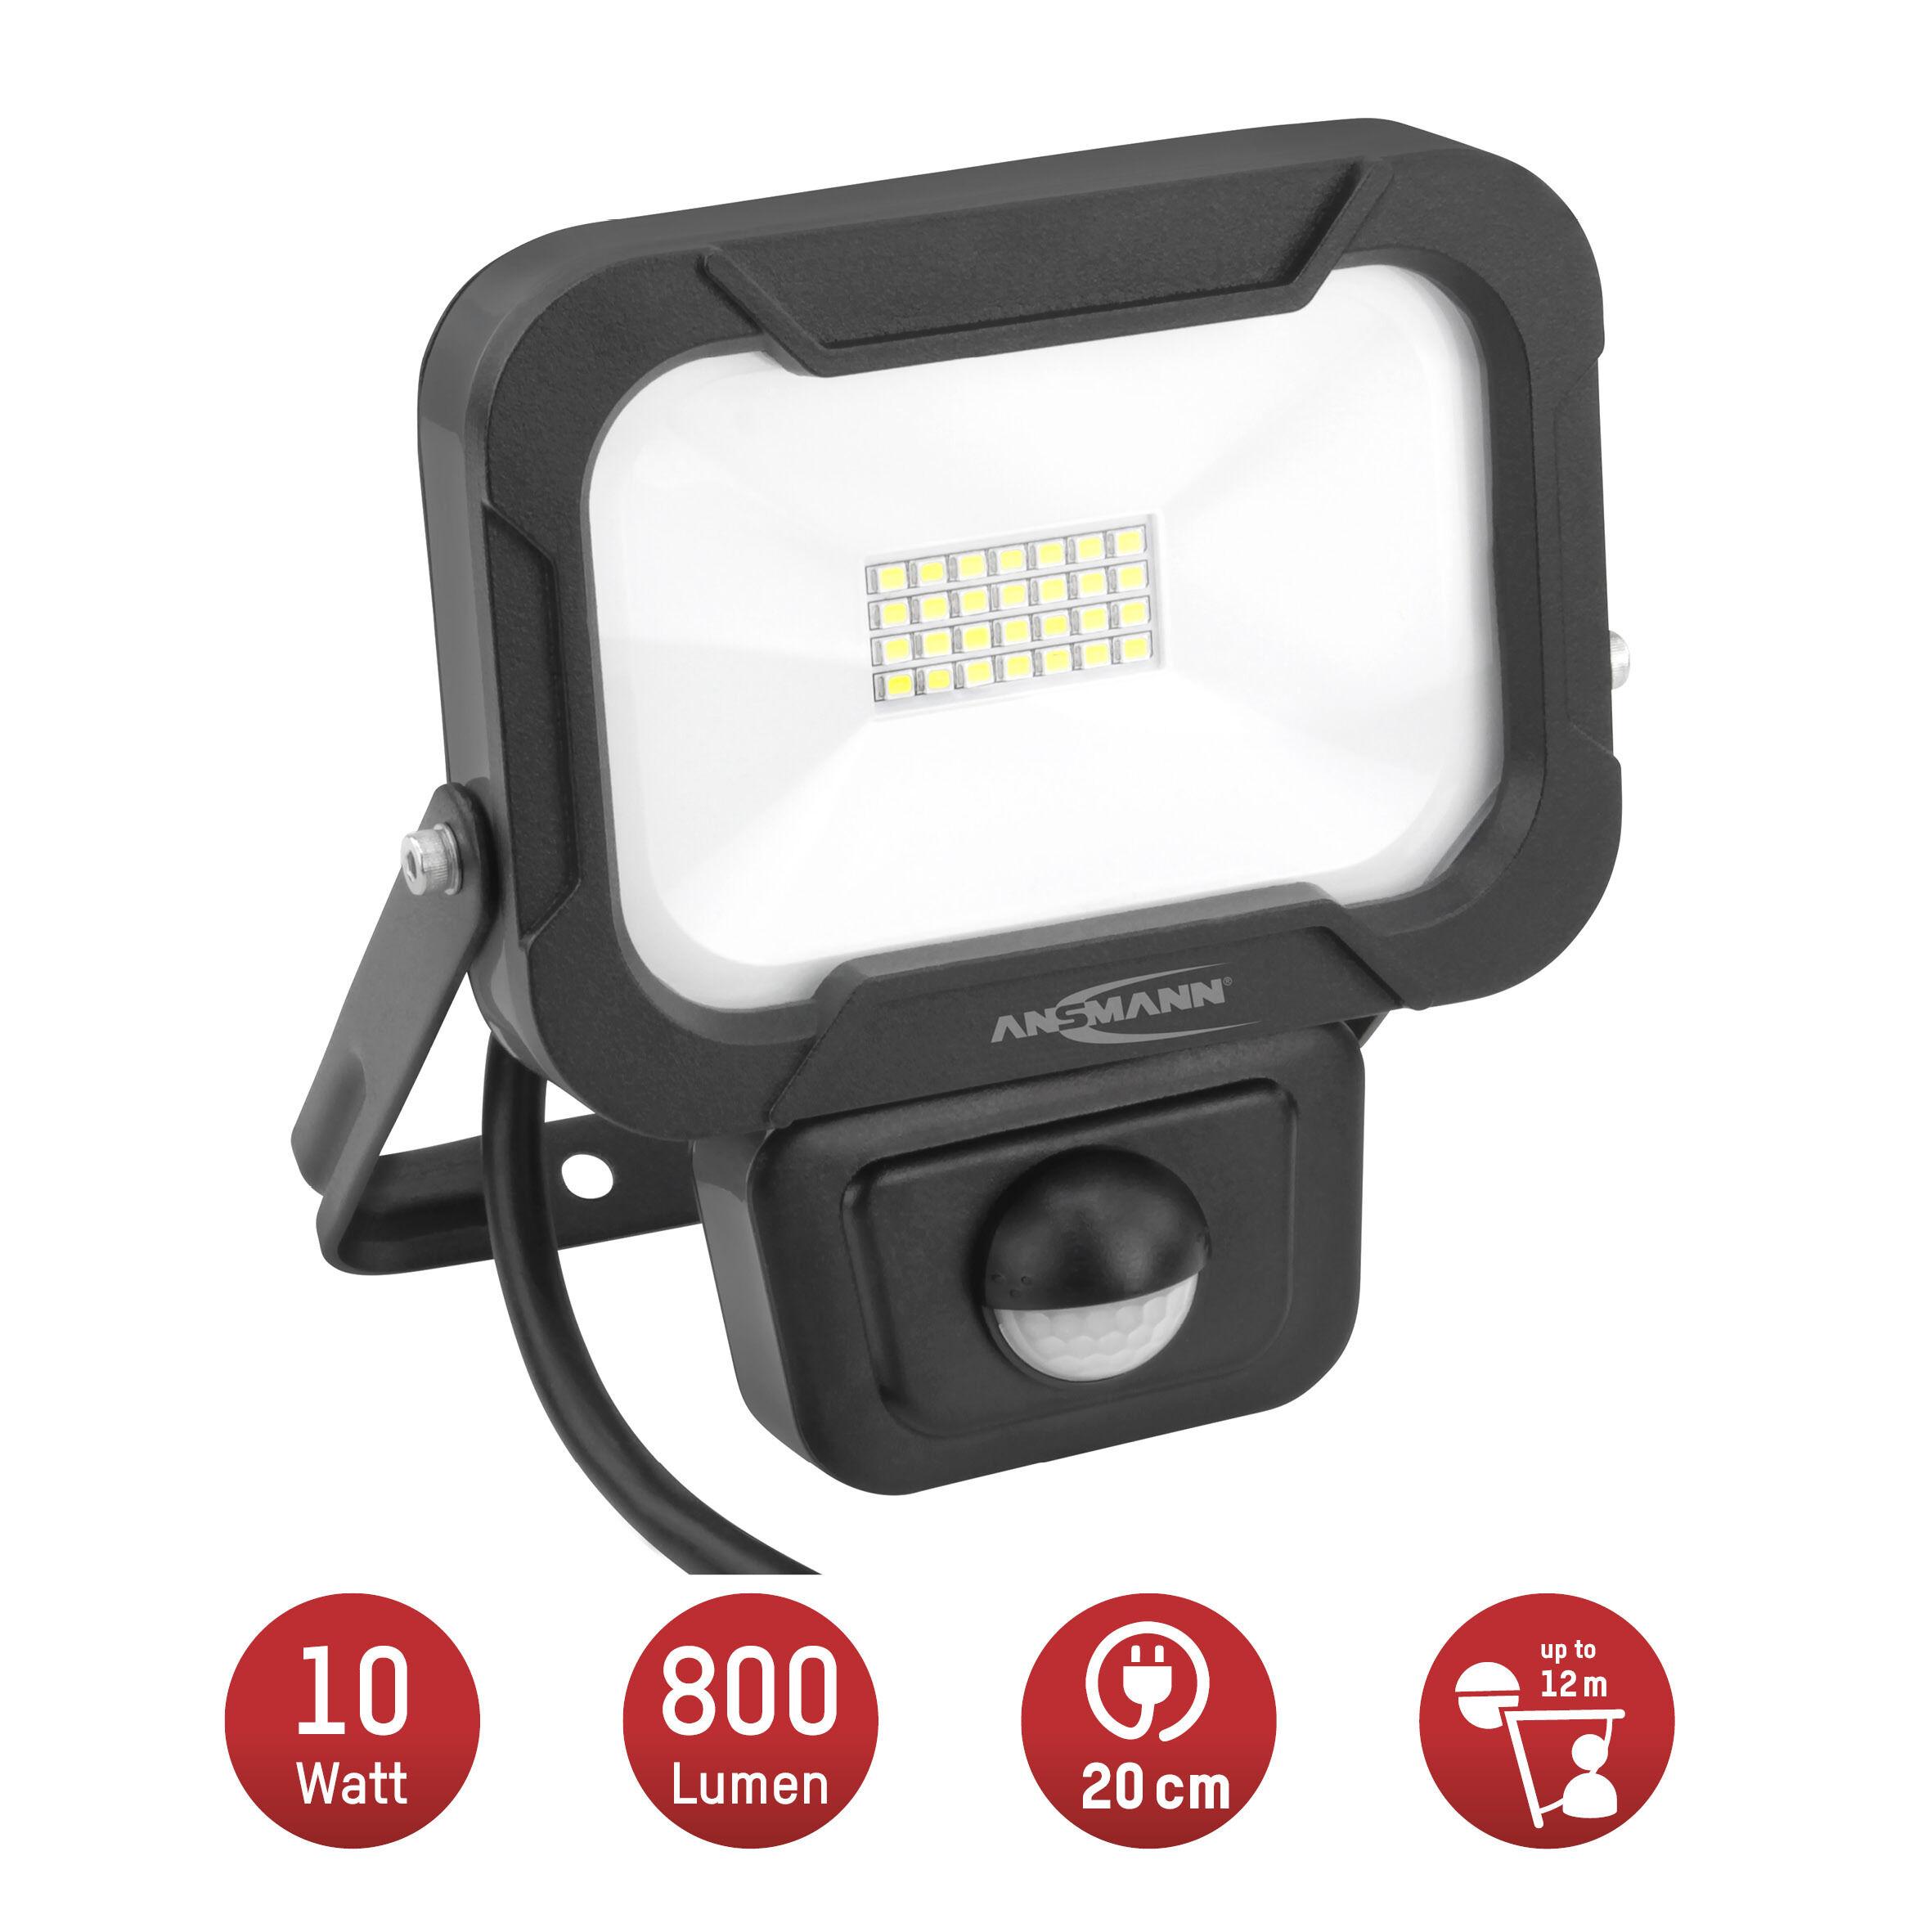 ANSMANN Wandstrahler mit Bewegungsmelder LED 10W – IP54 wetterfest